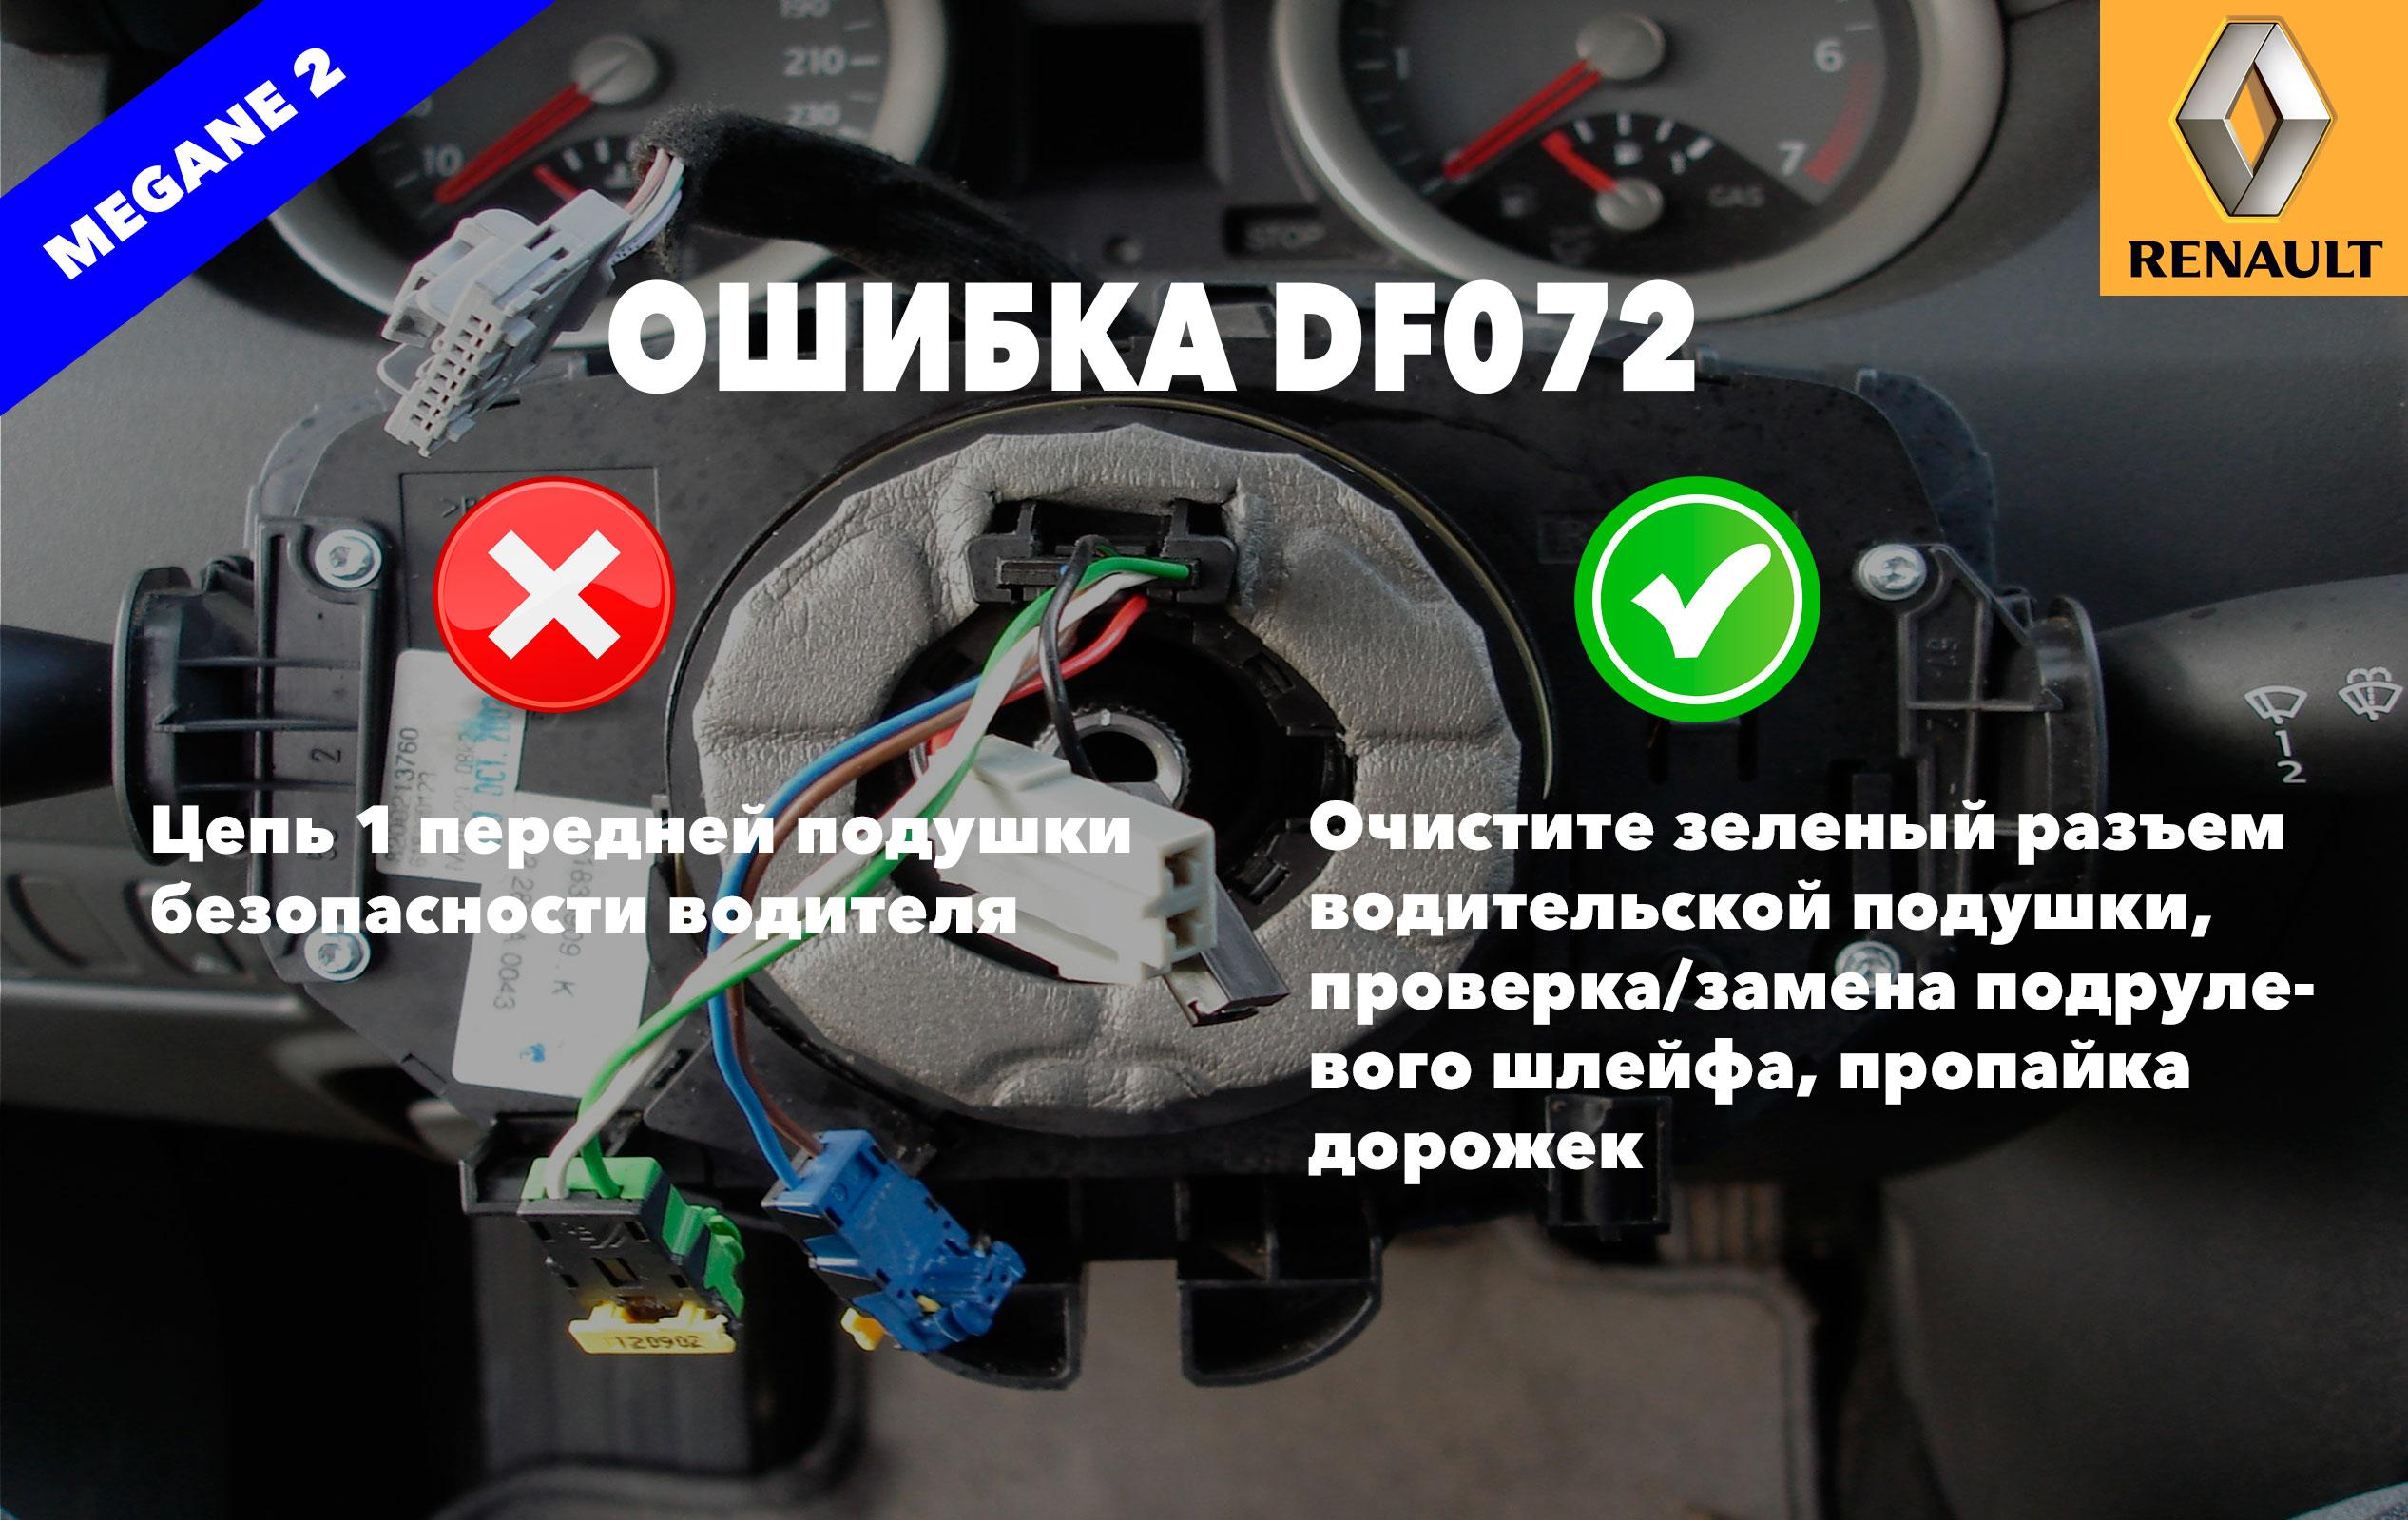 Рено Меган 2 код ошибки DF072 – цепь 1 передней подушки безопасности водителя